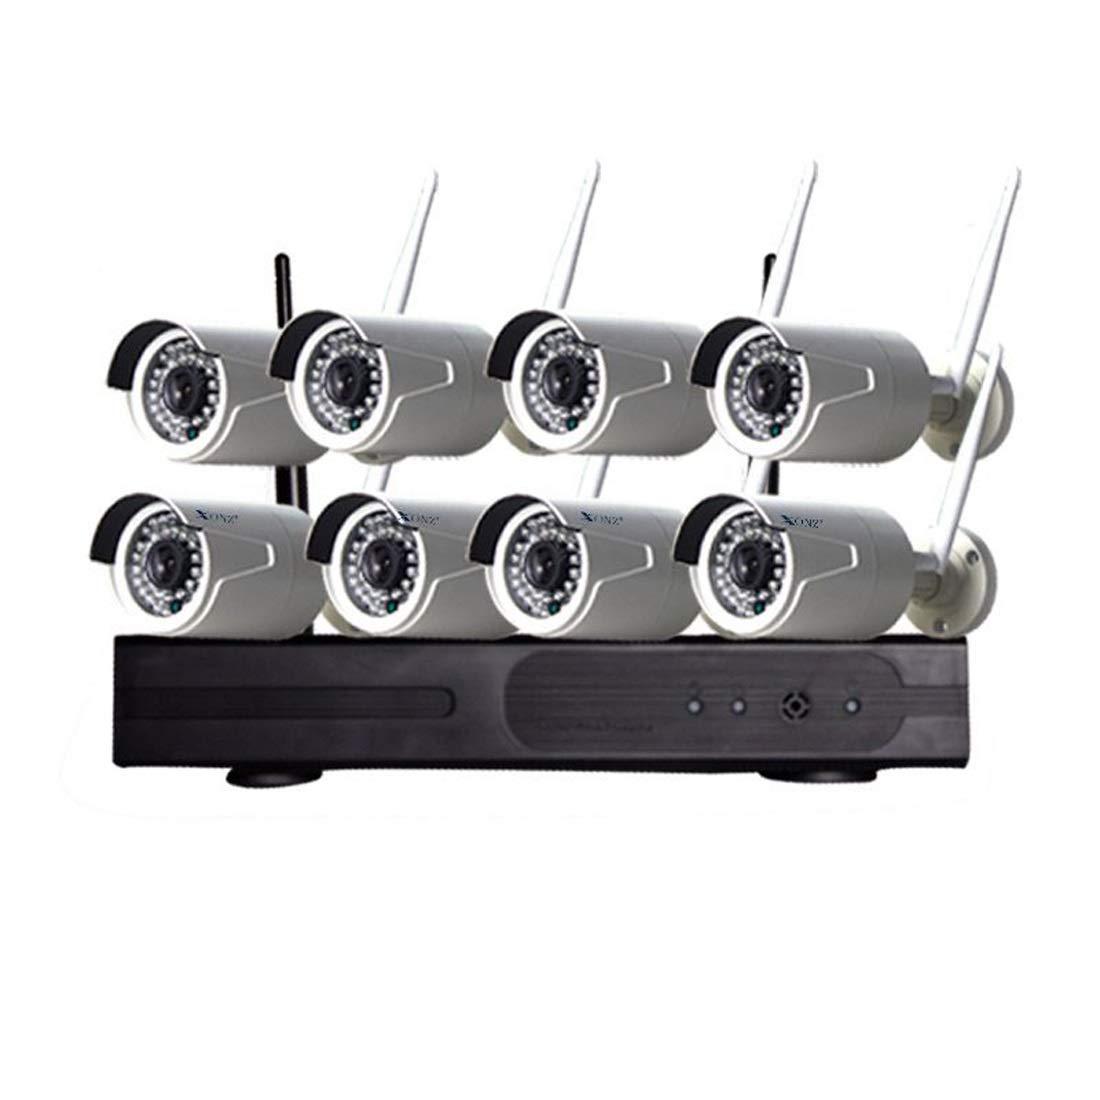 JPAKIOS B07QMLPPWT ワイヤレスWIFIカメラセットワイヤレスモニタリングセットモニタリング JPAKIOS B07QMLPPWT, ペット用品 ペットの道具屋さん:d40f2f89 --- krianta.com